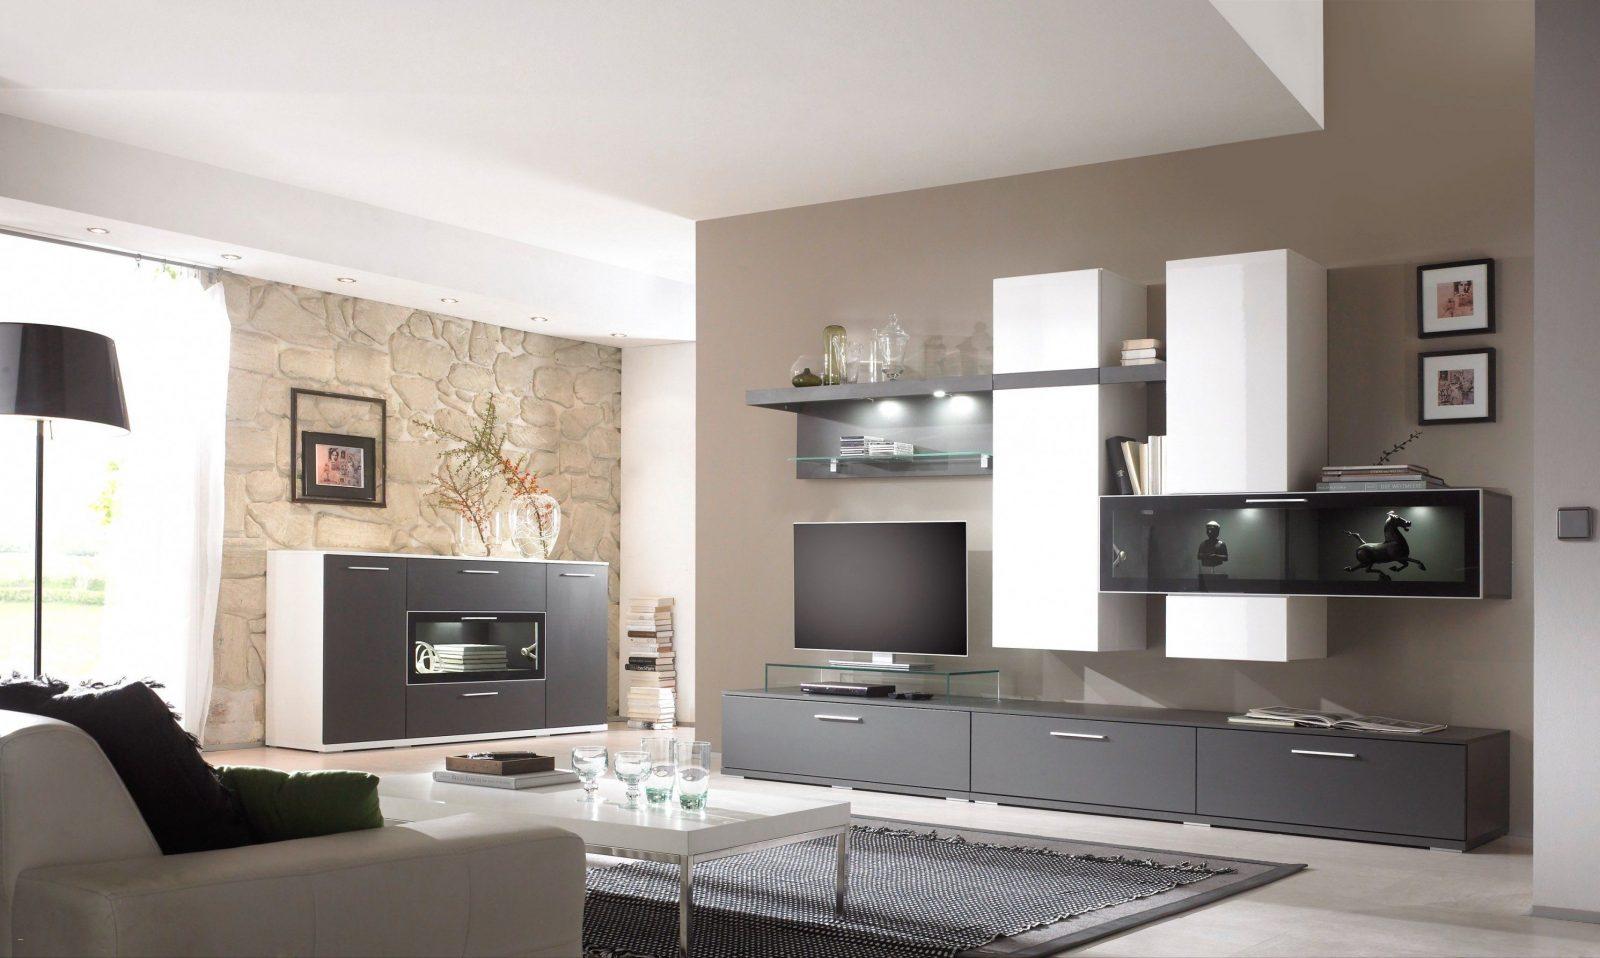 Graue Kuche Welche Wandfarbe Best Of Boden Dekoration Wohnzimmer Mit